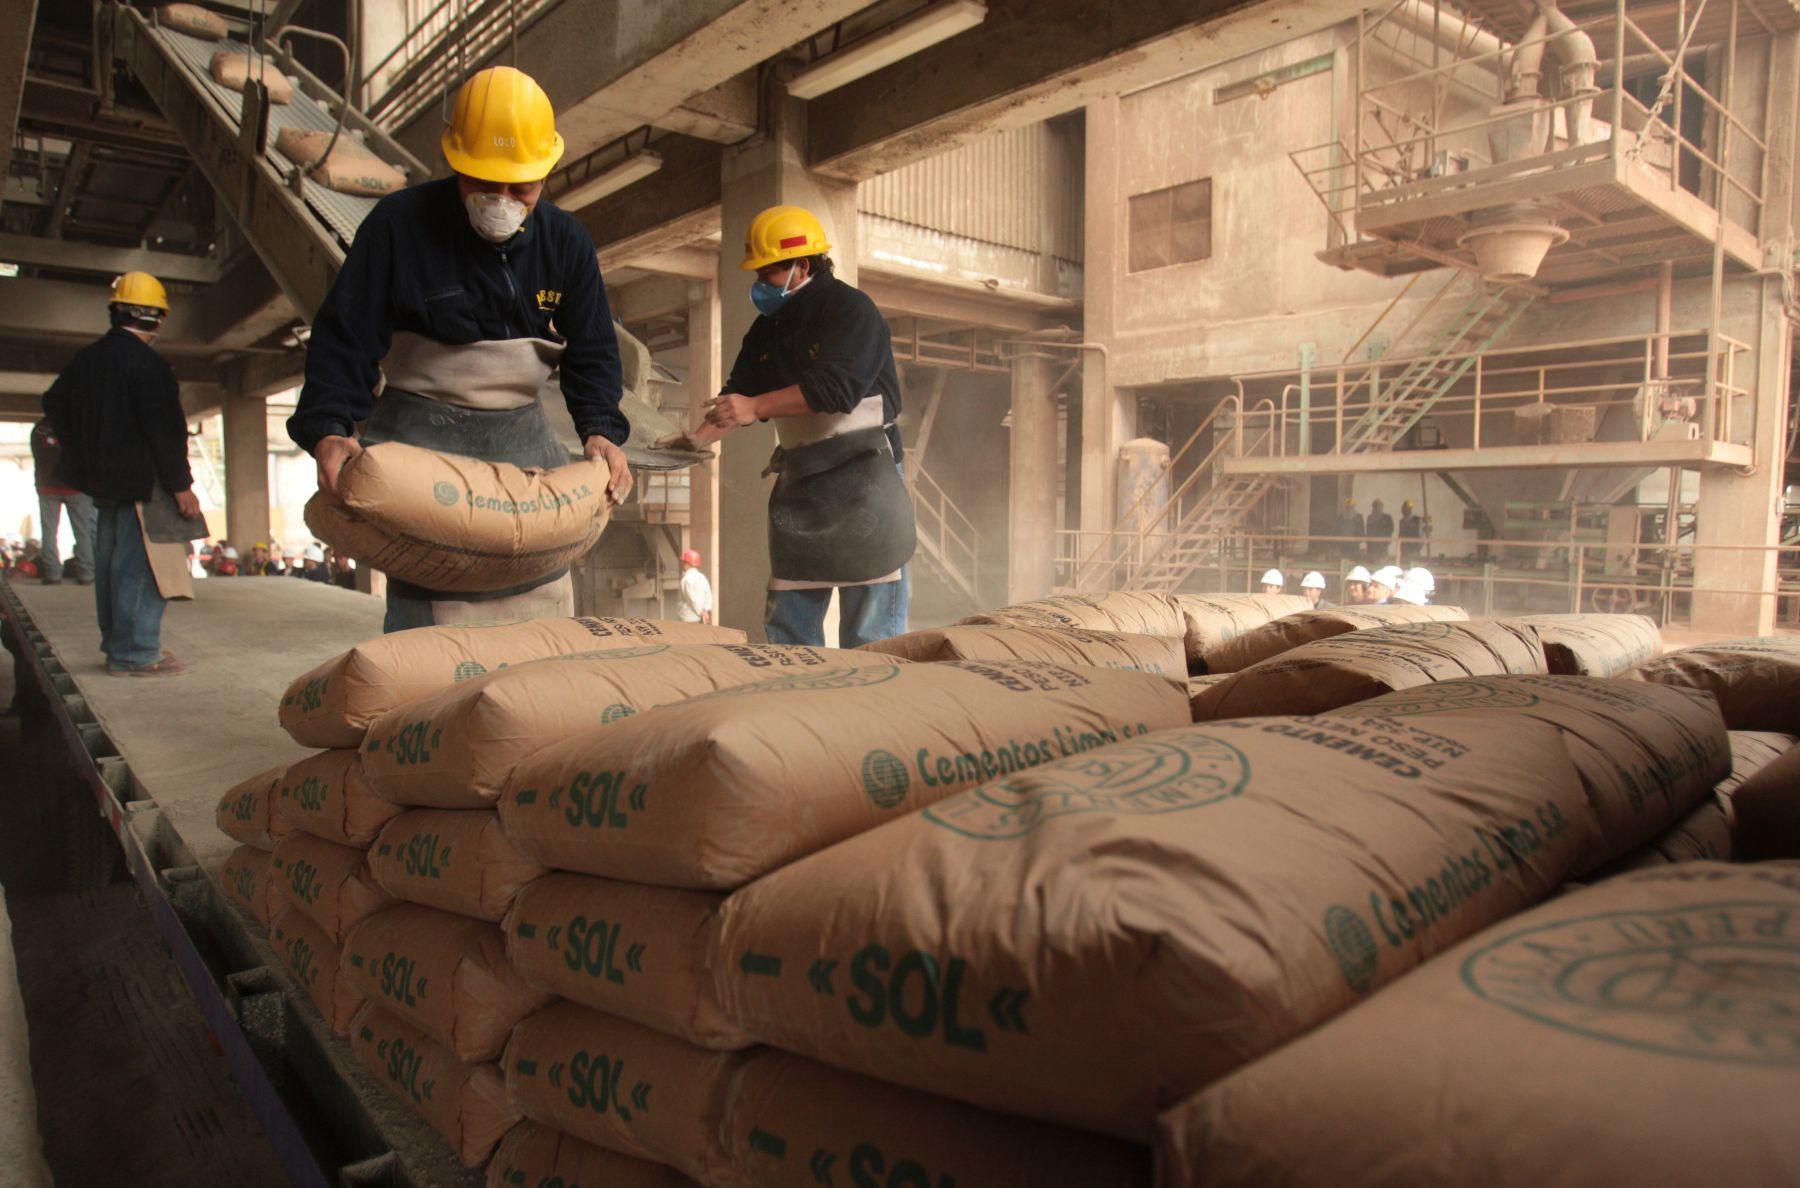 gobierno-elevo-exigencias-medioambientales-para-cementeras-y-productoras-de-cal